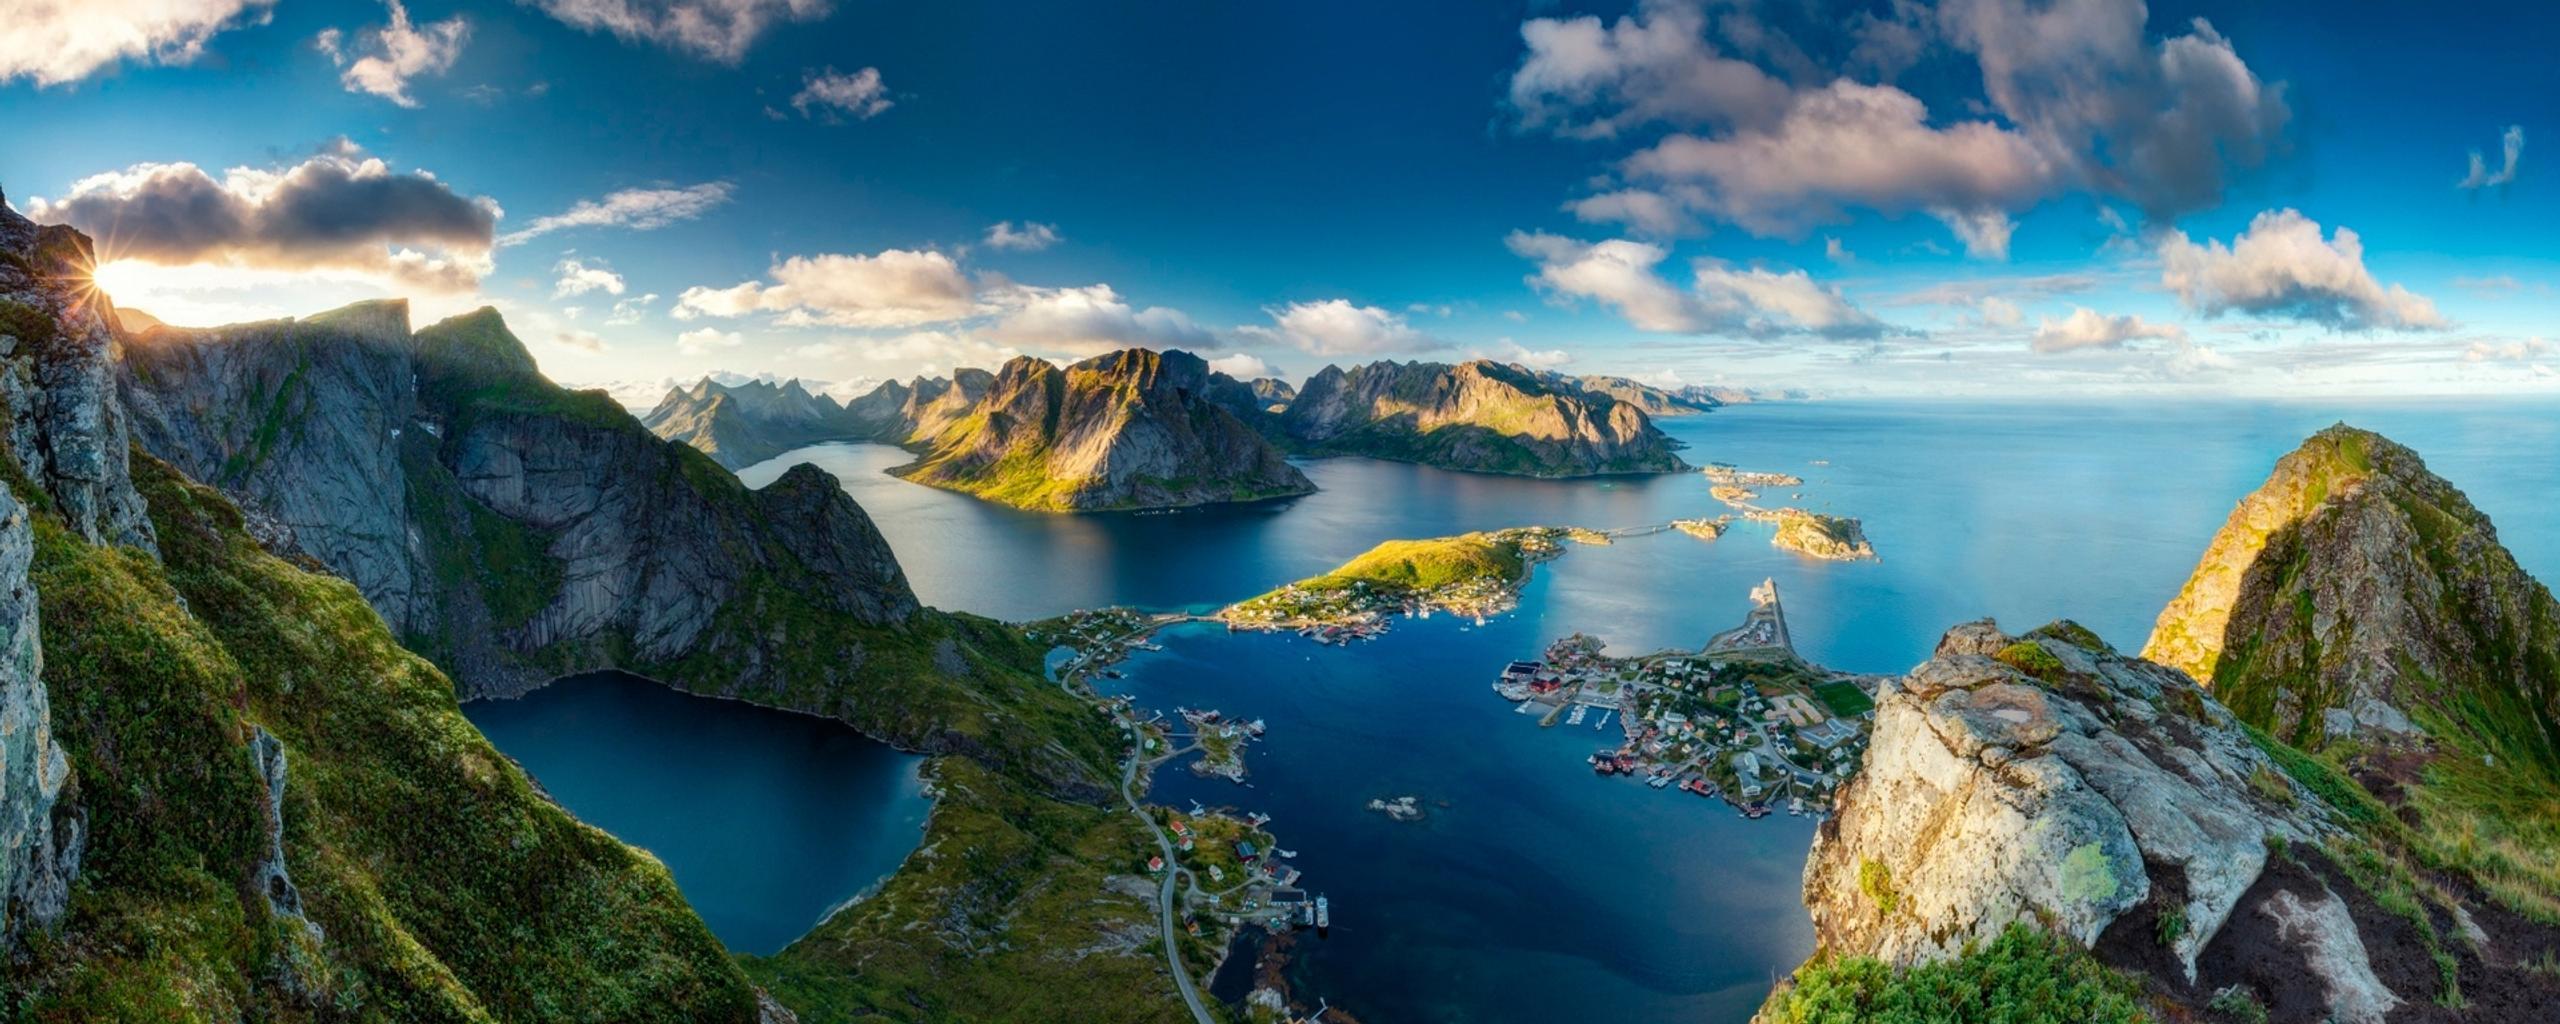 reinebringen norway - stunning landscape wallpaper download 2560x1024